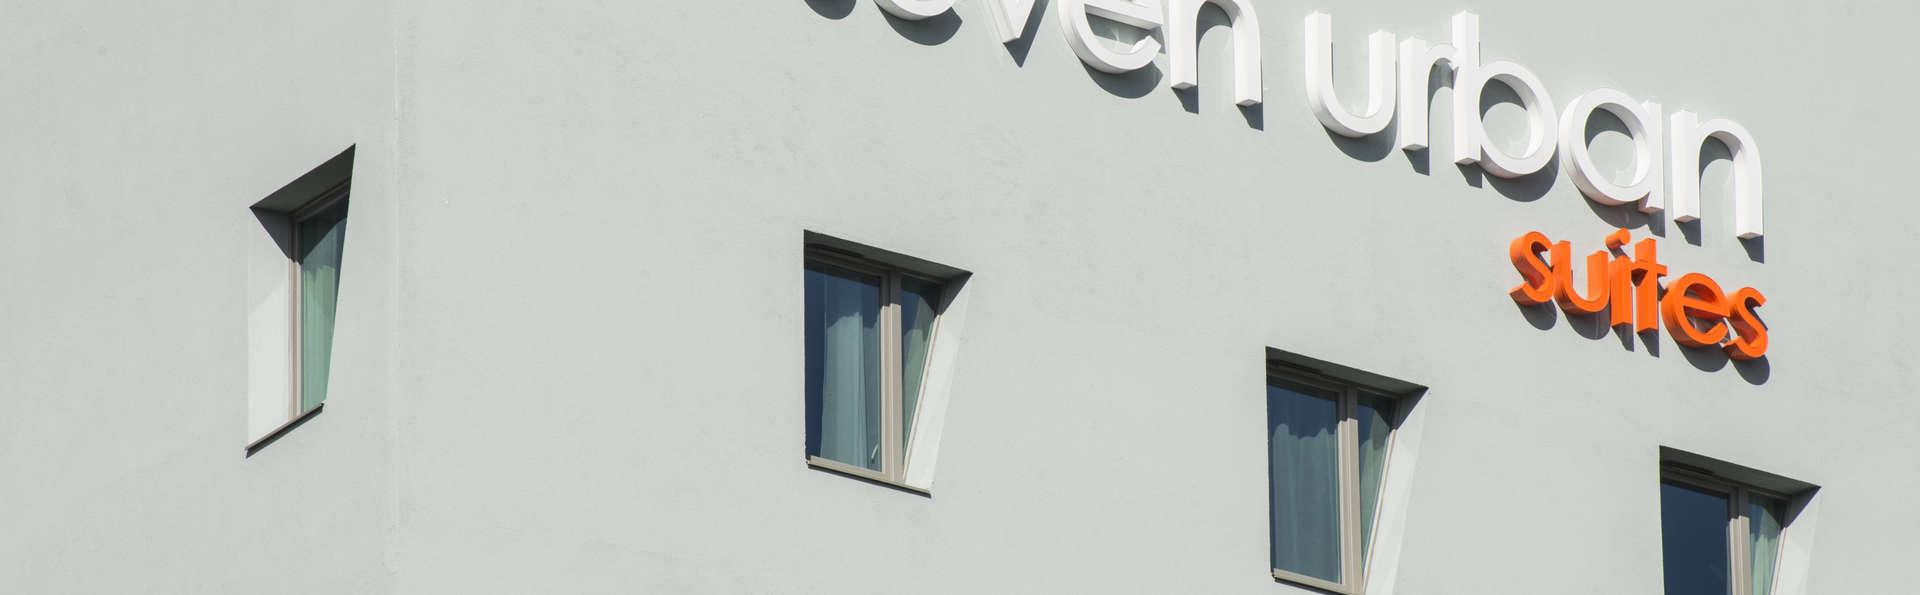 Seven Urban Suites Nantes Centre et Spa - _Exterieur_7US_Nantes.jpg